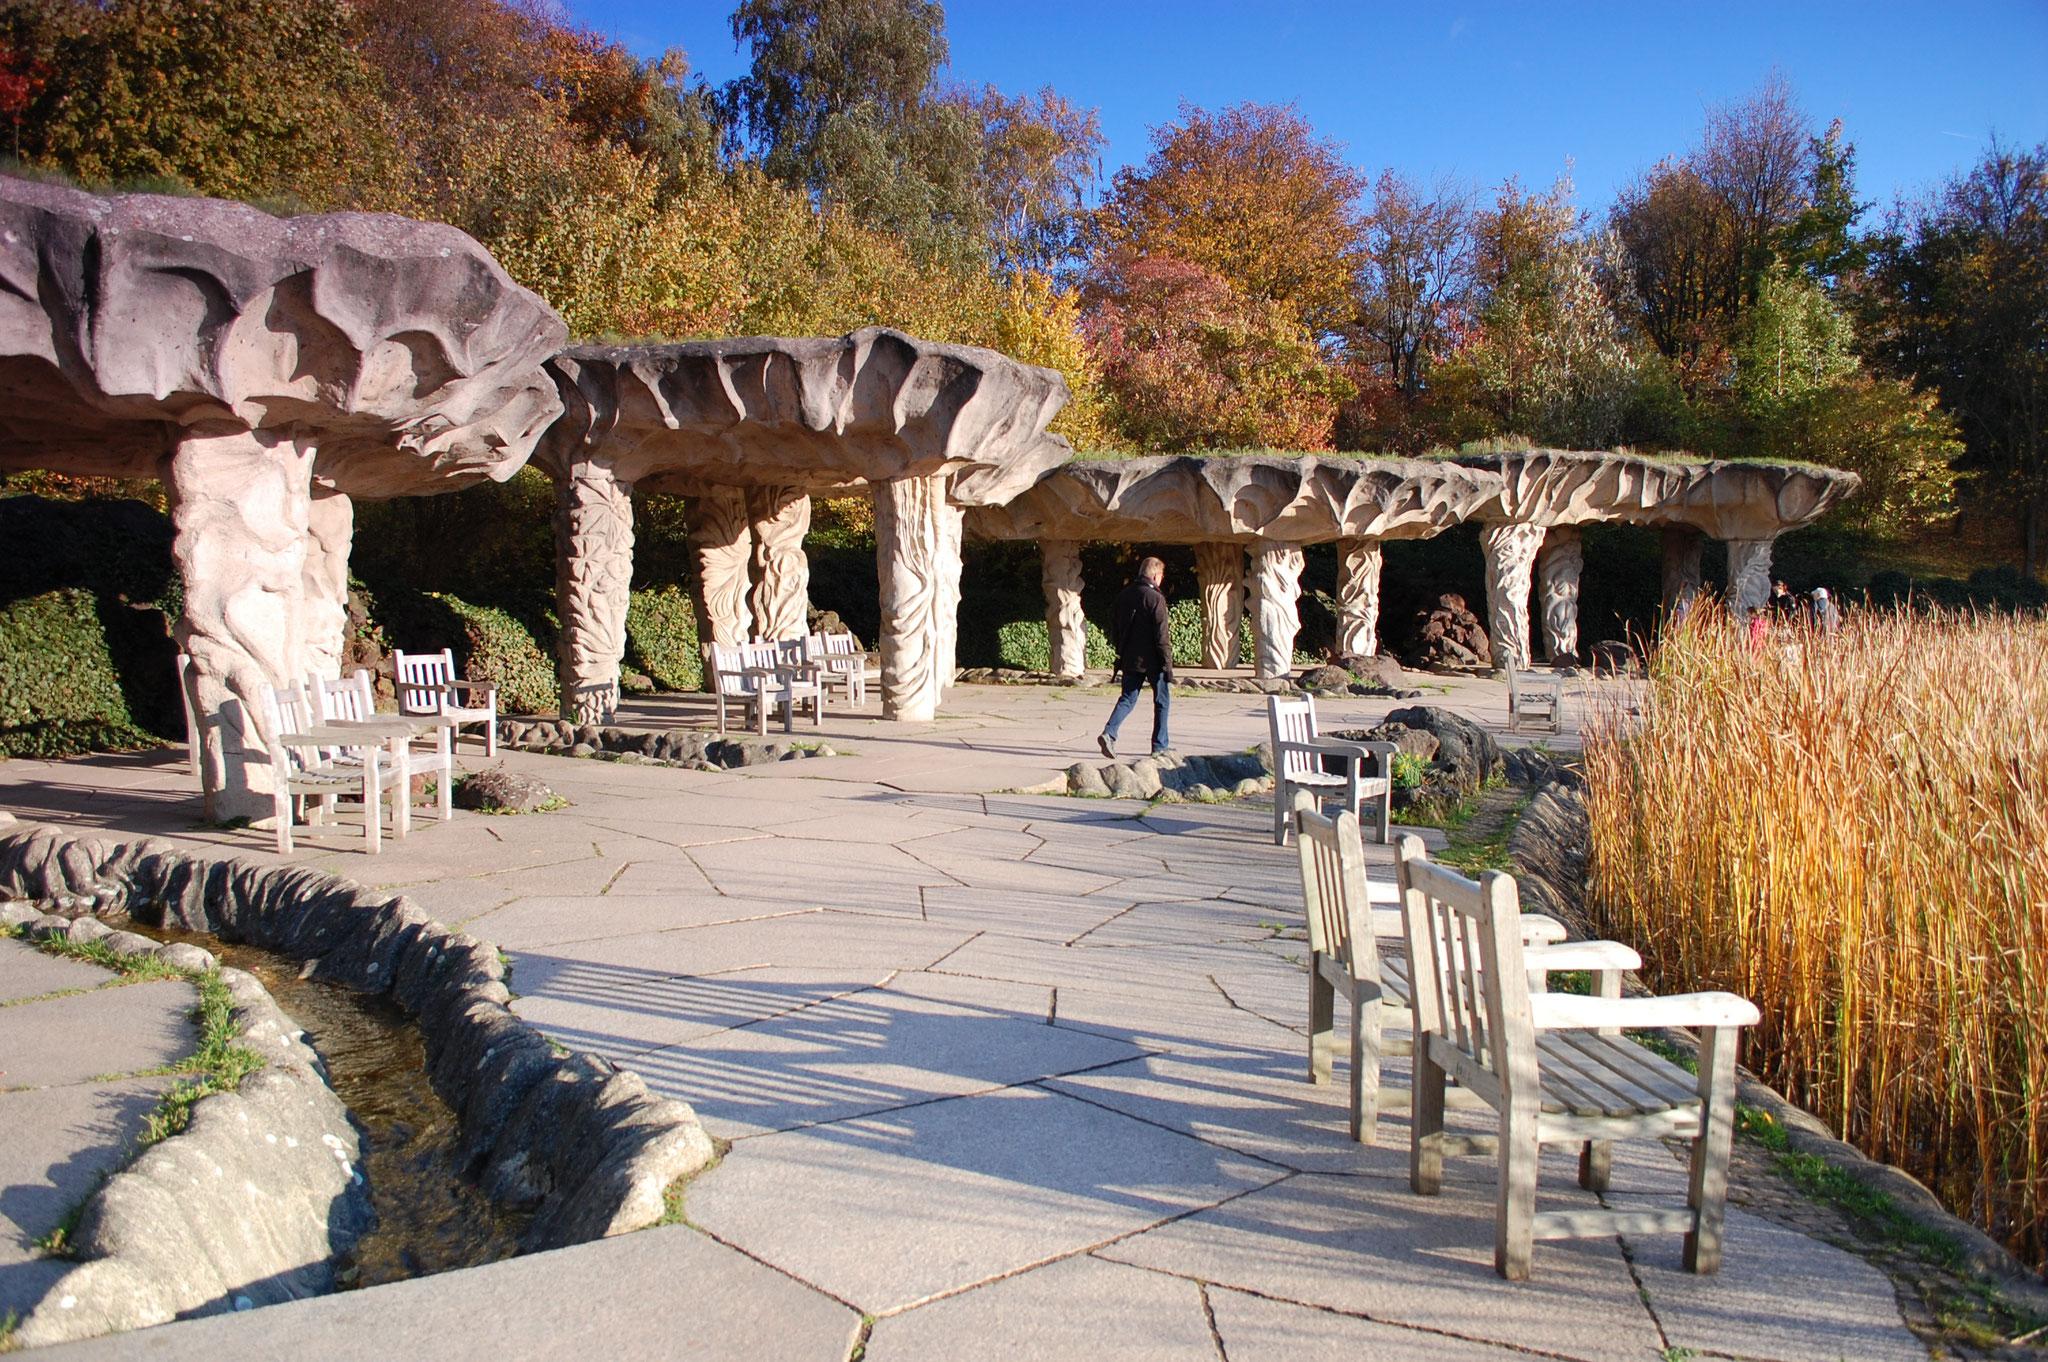 Grotten im Herbst (© Bernhard Huhn)